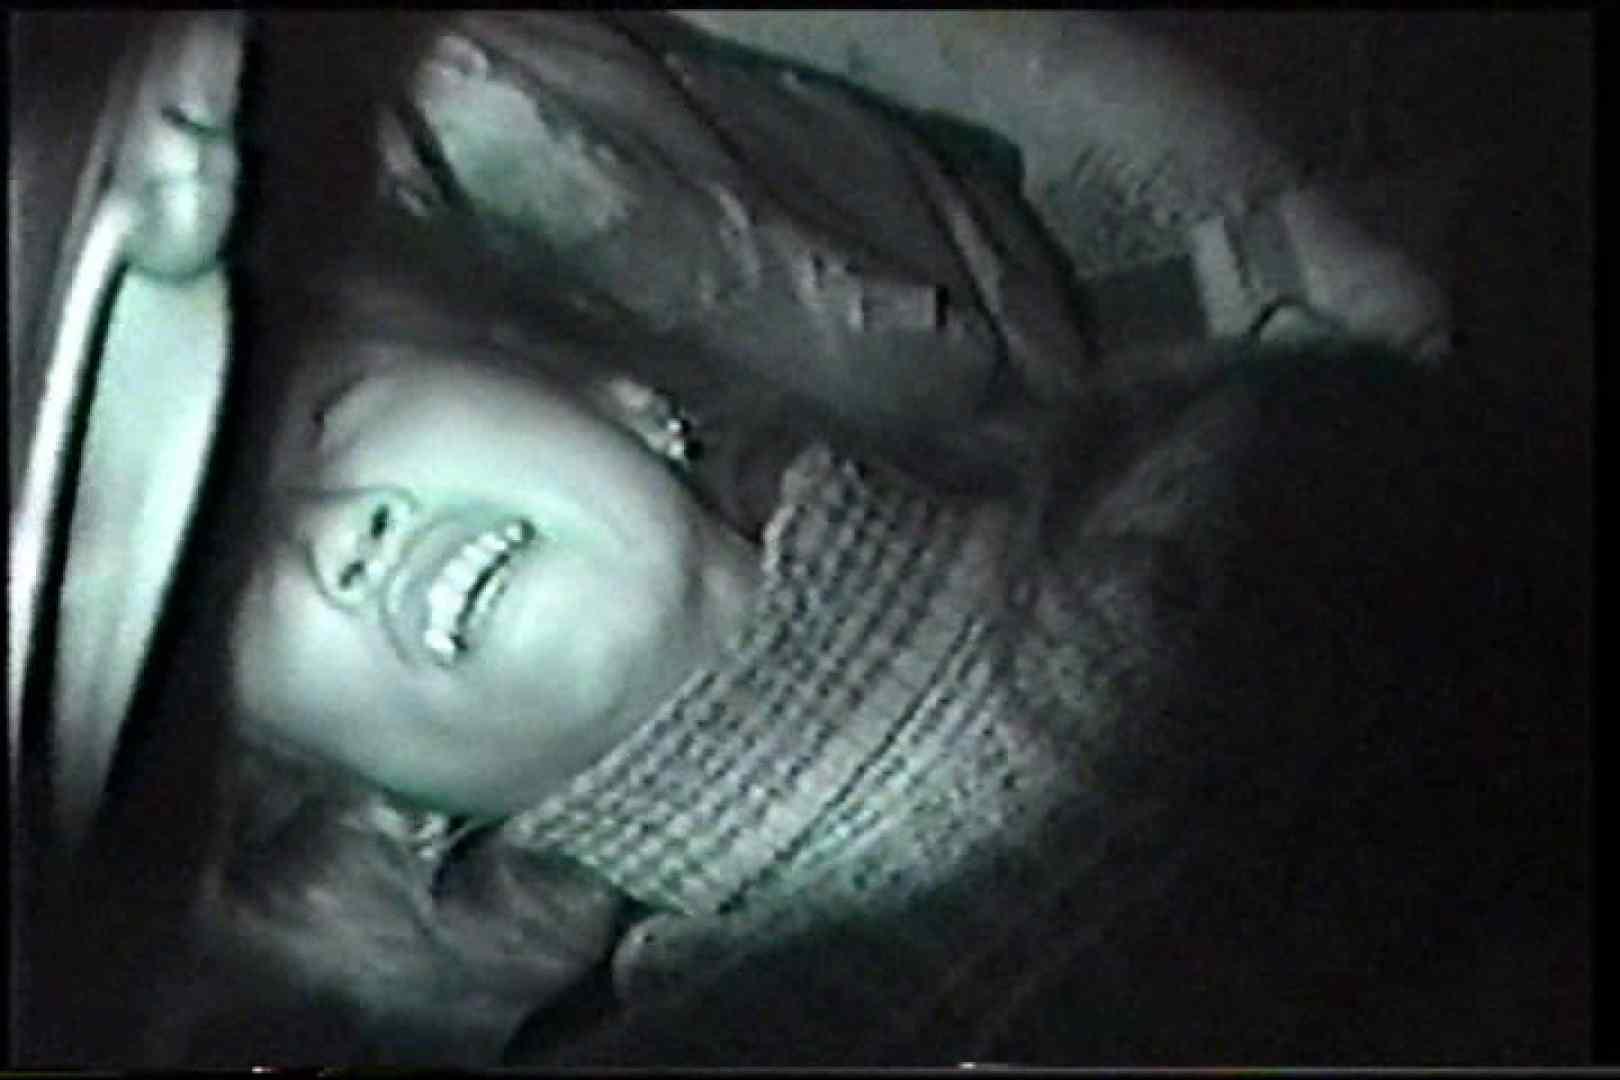 充血監督の深夜の運動会Vol.214 後編. カップル記念日 盗み撮り動画キャプチャ 71連発 53